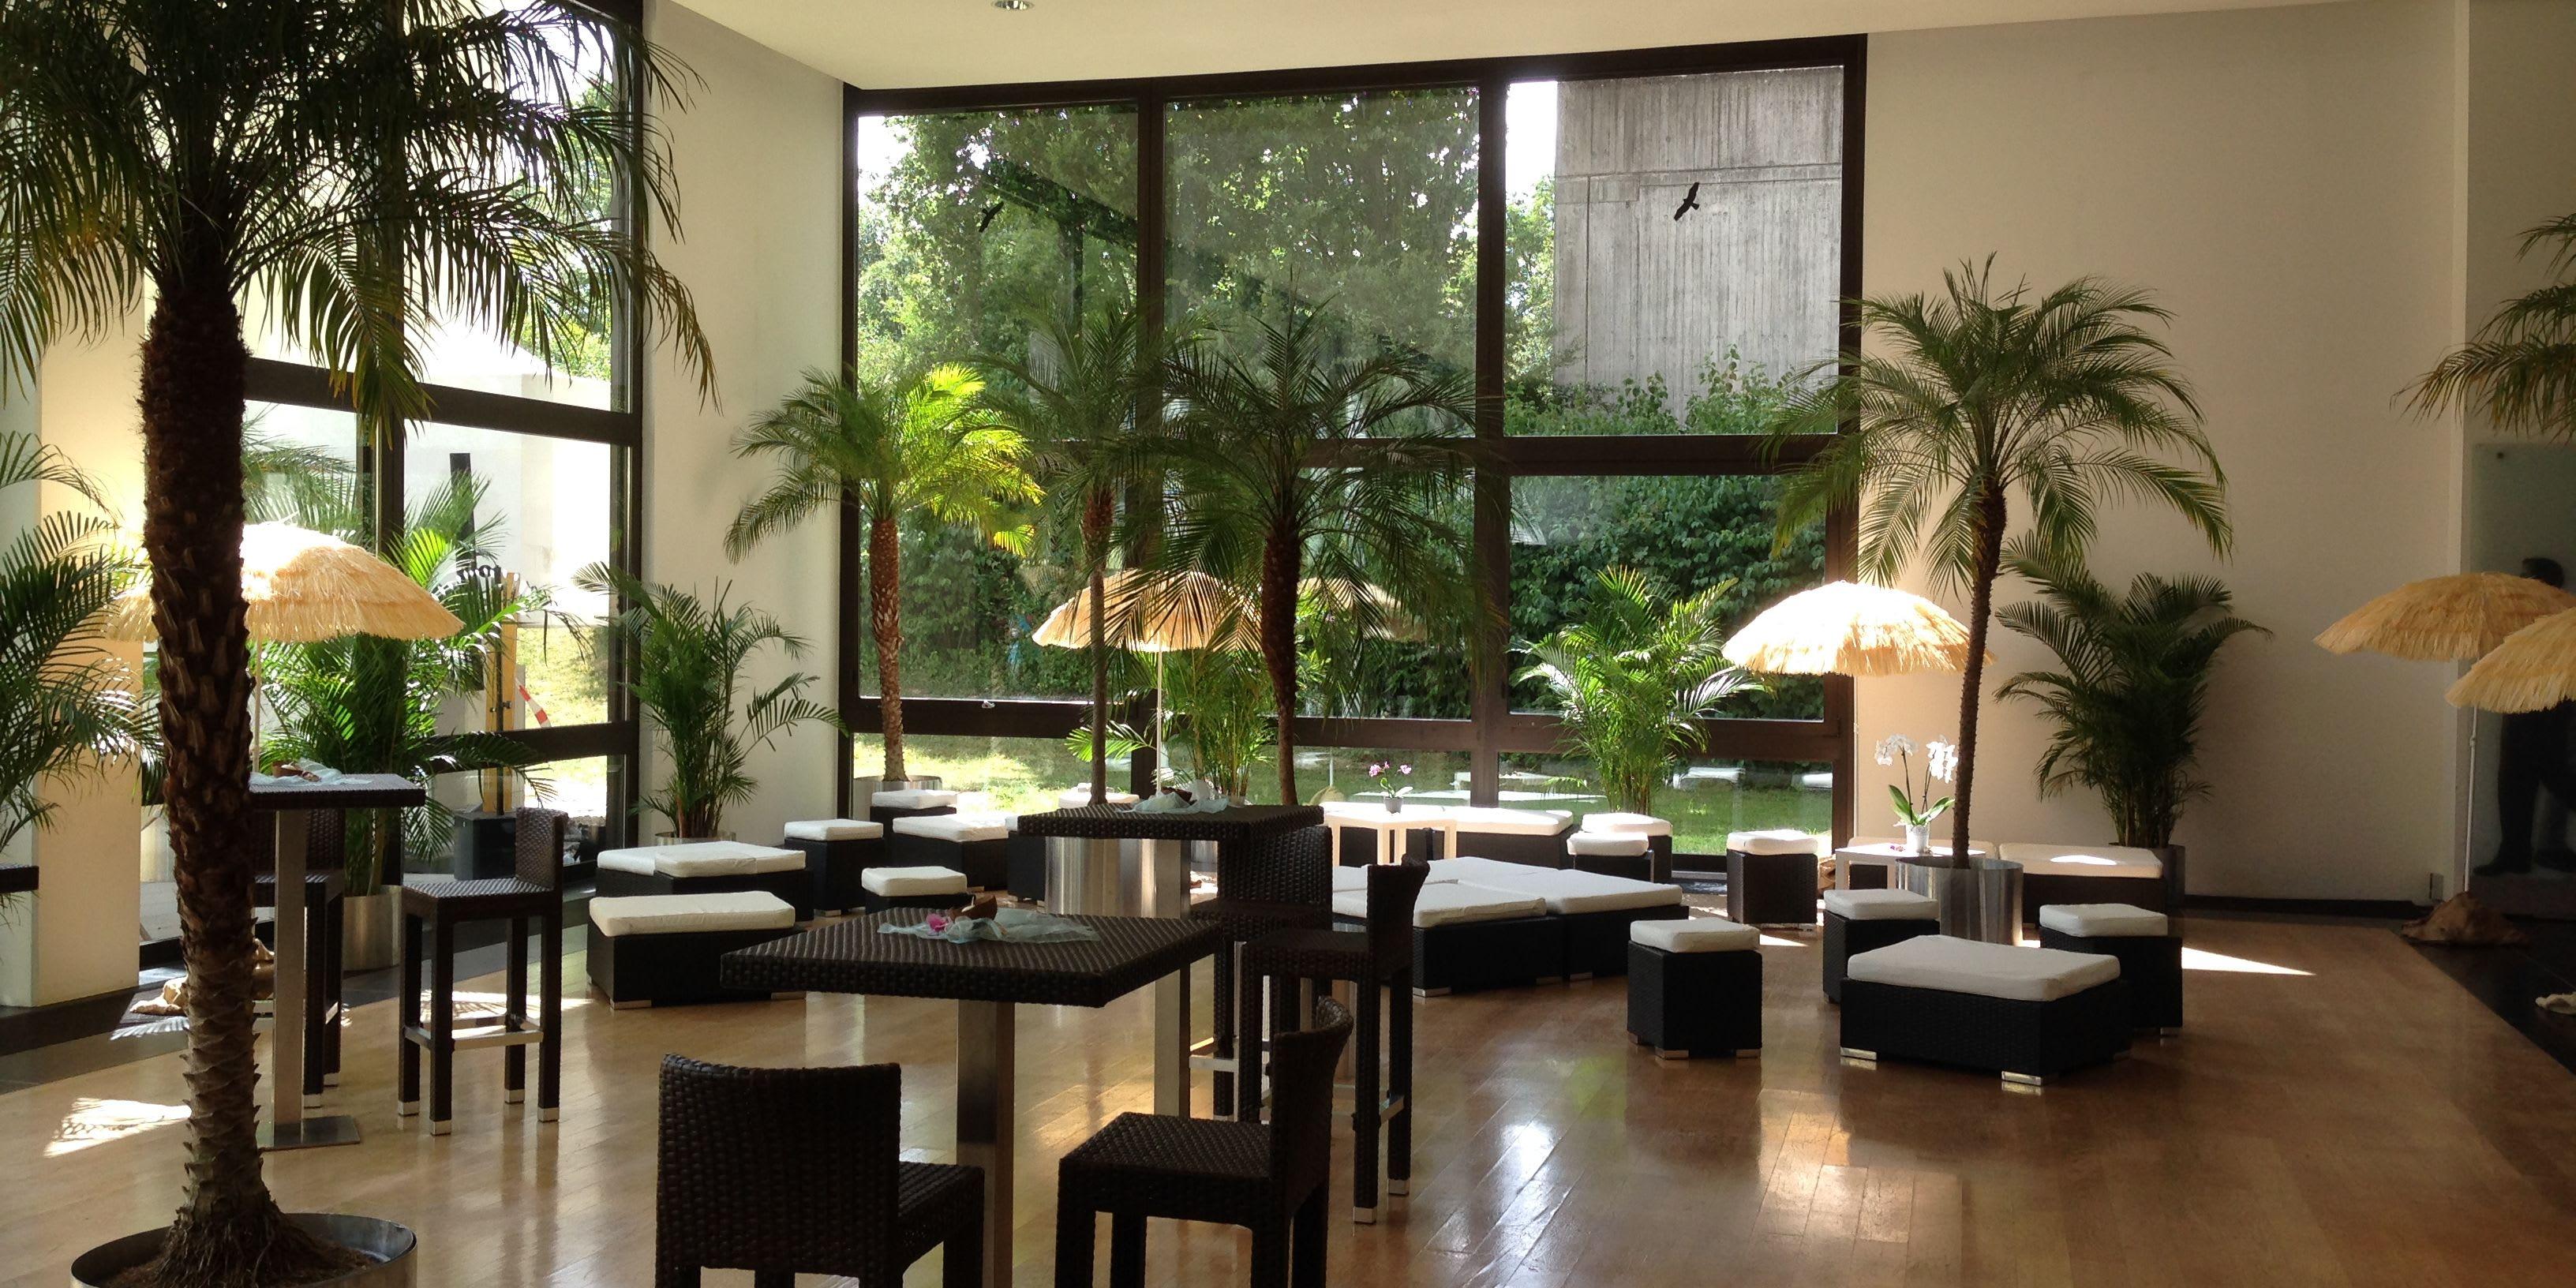 Location mit Palmen und schwarzen Strohmöbeln